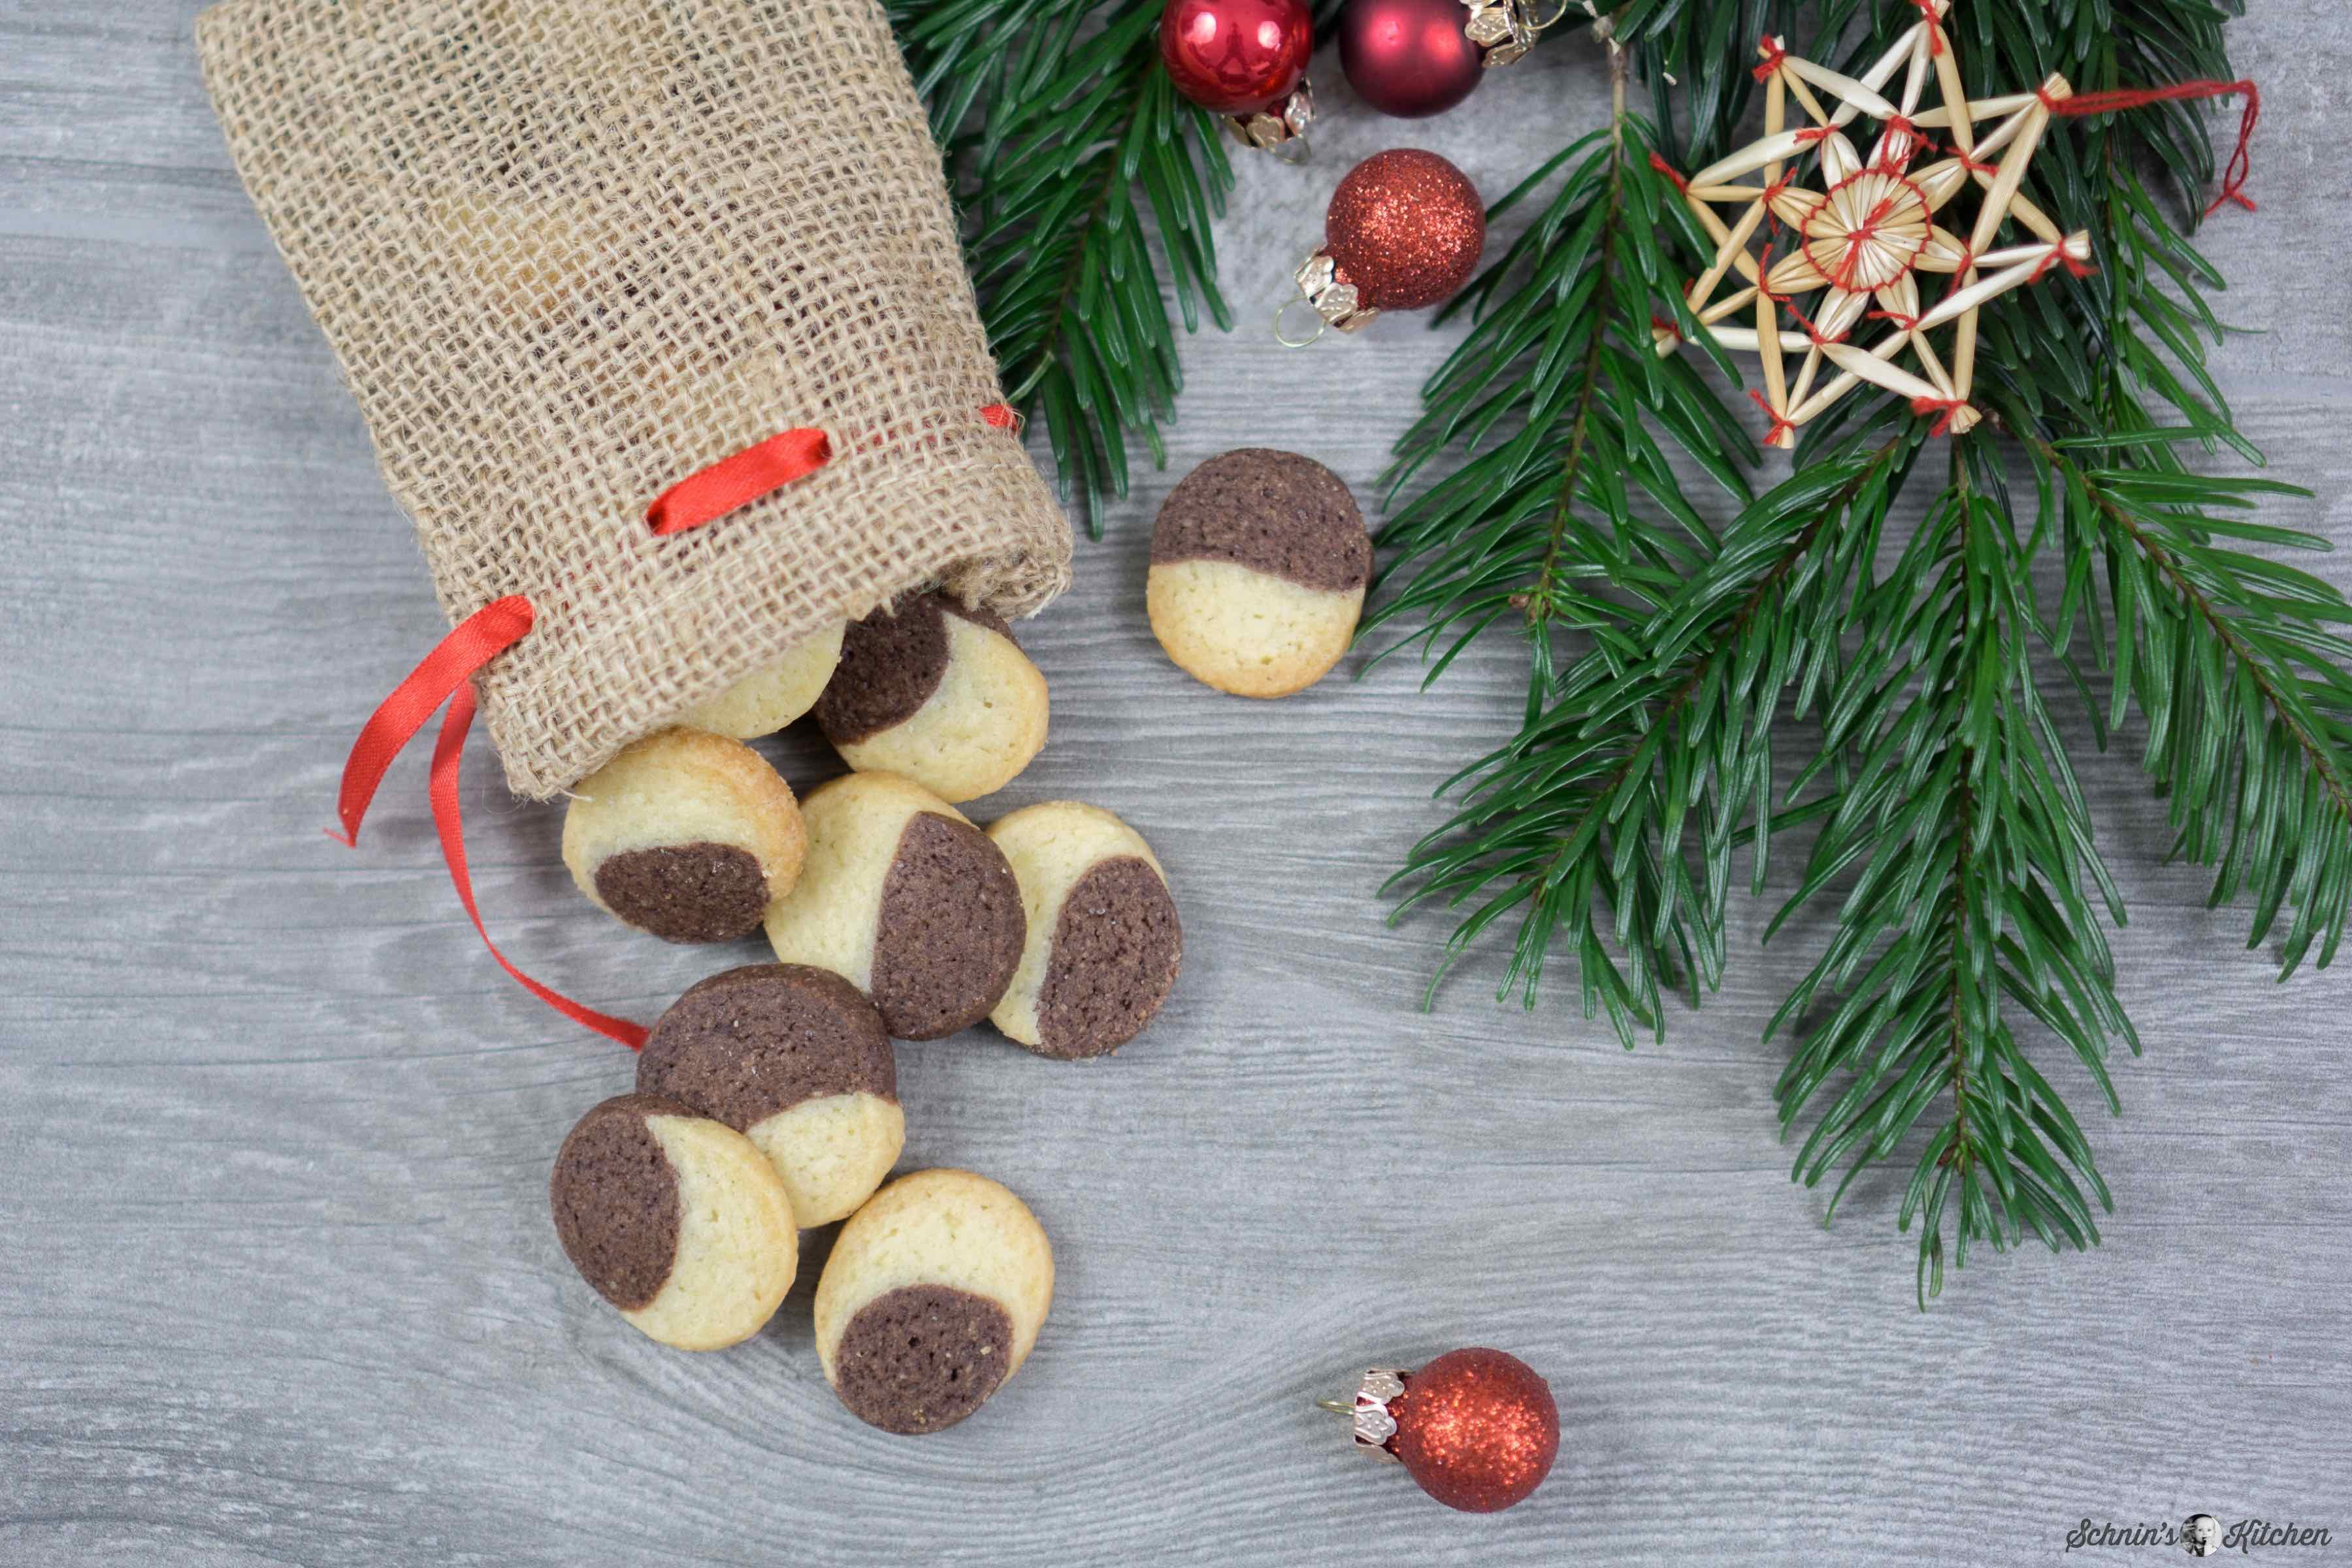 Marmoriertes Schwarz-Weiß-Gebäck - ein schnelles und einfaches Rezept für die zweifarbigen Weihnachtsplätzchen. | www.schninskitchen.de